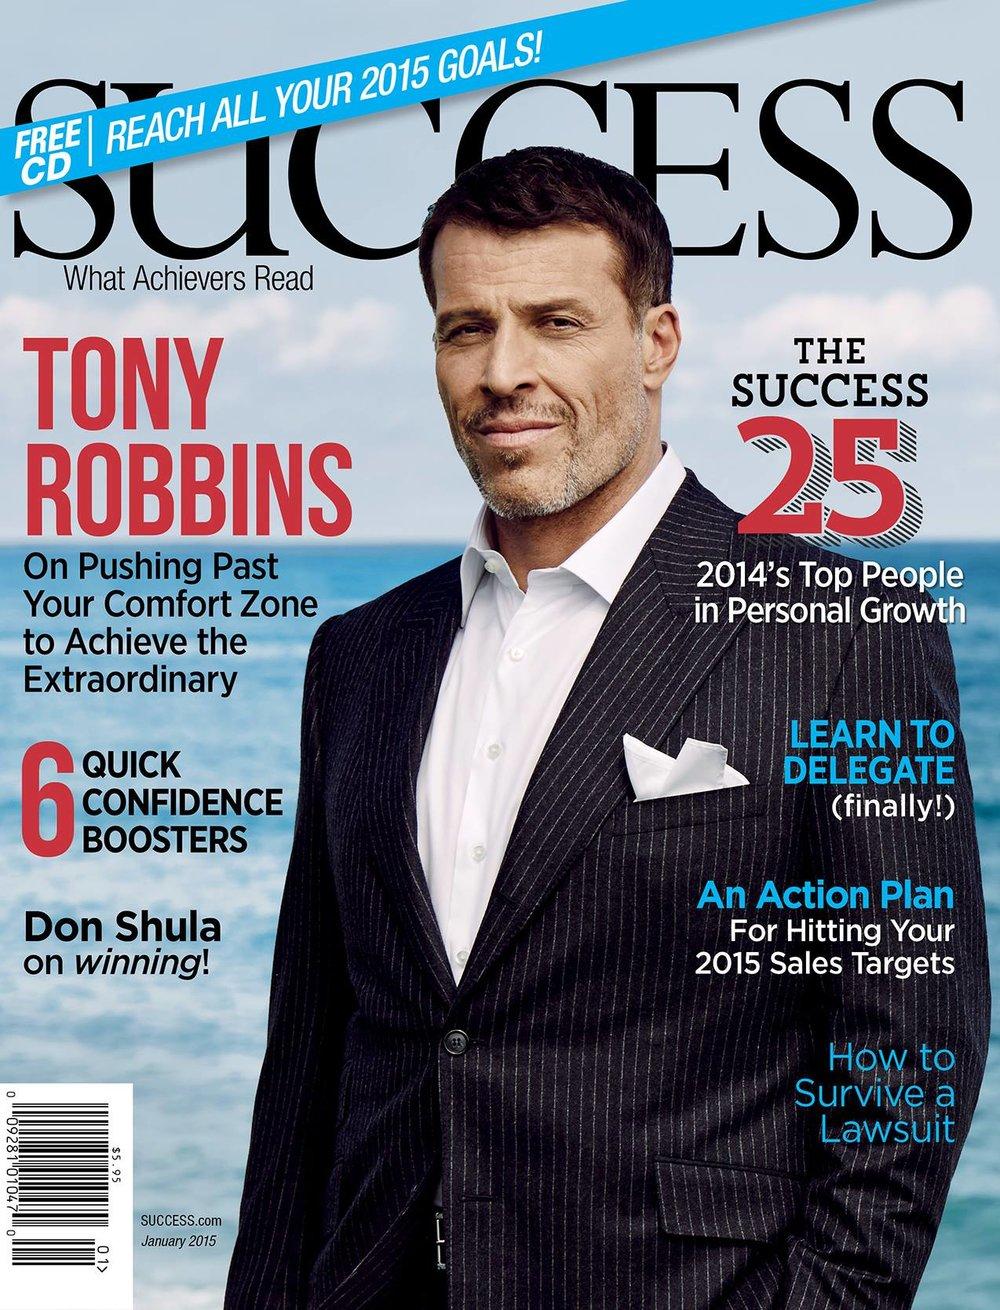 Tony-Robbins-cover.jpg